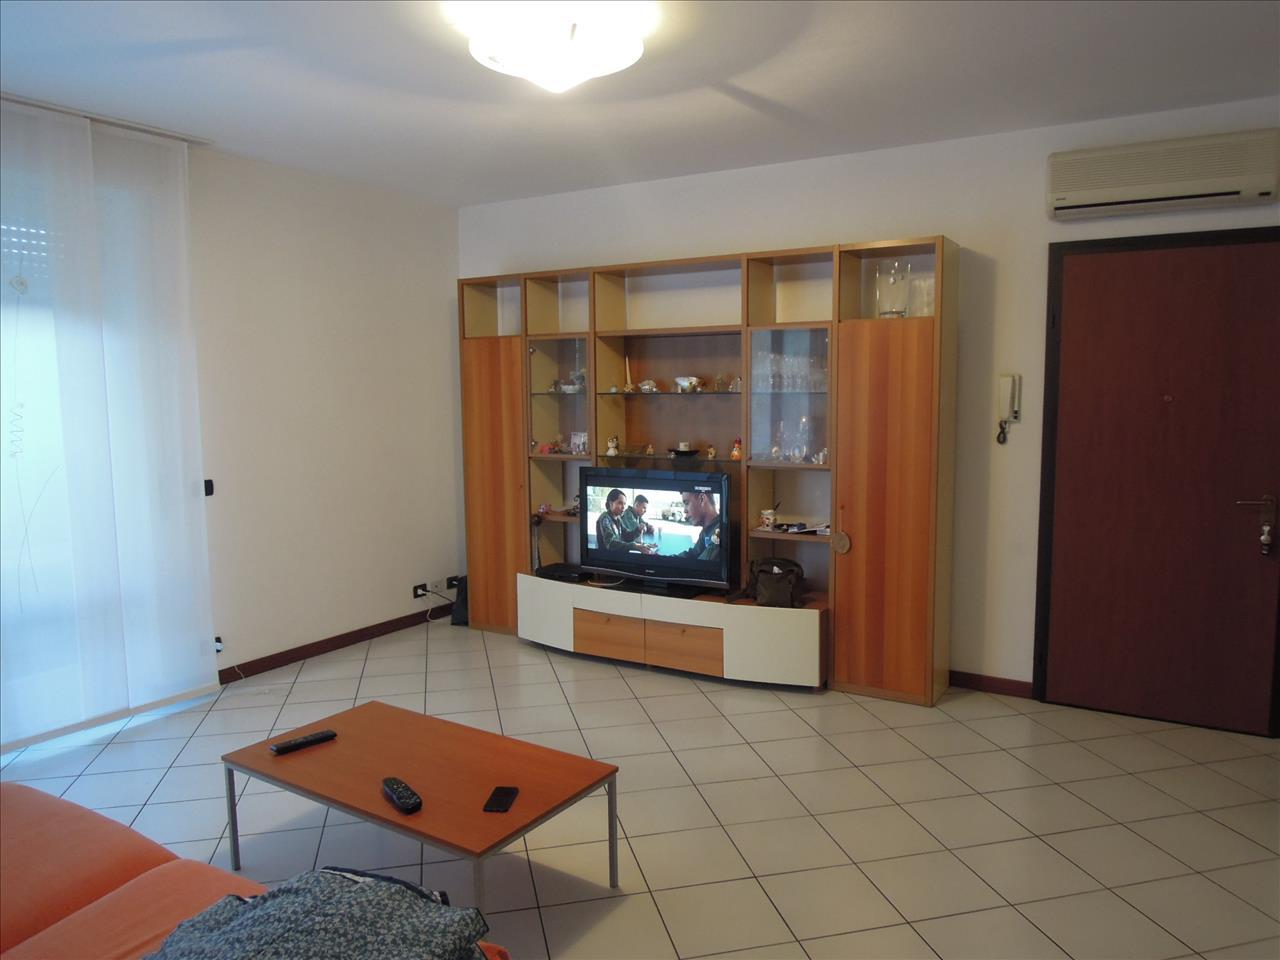 Appartamento in vendita a Rivergaro, 2 locali, prezzo € 145.000   PortaleAgenzieImmobiliari.it